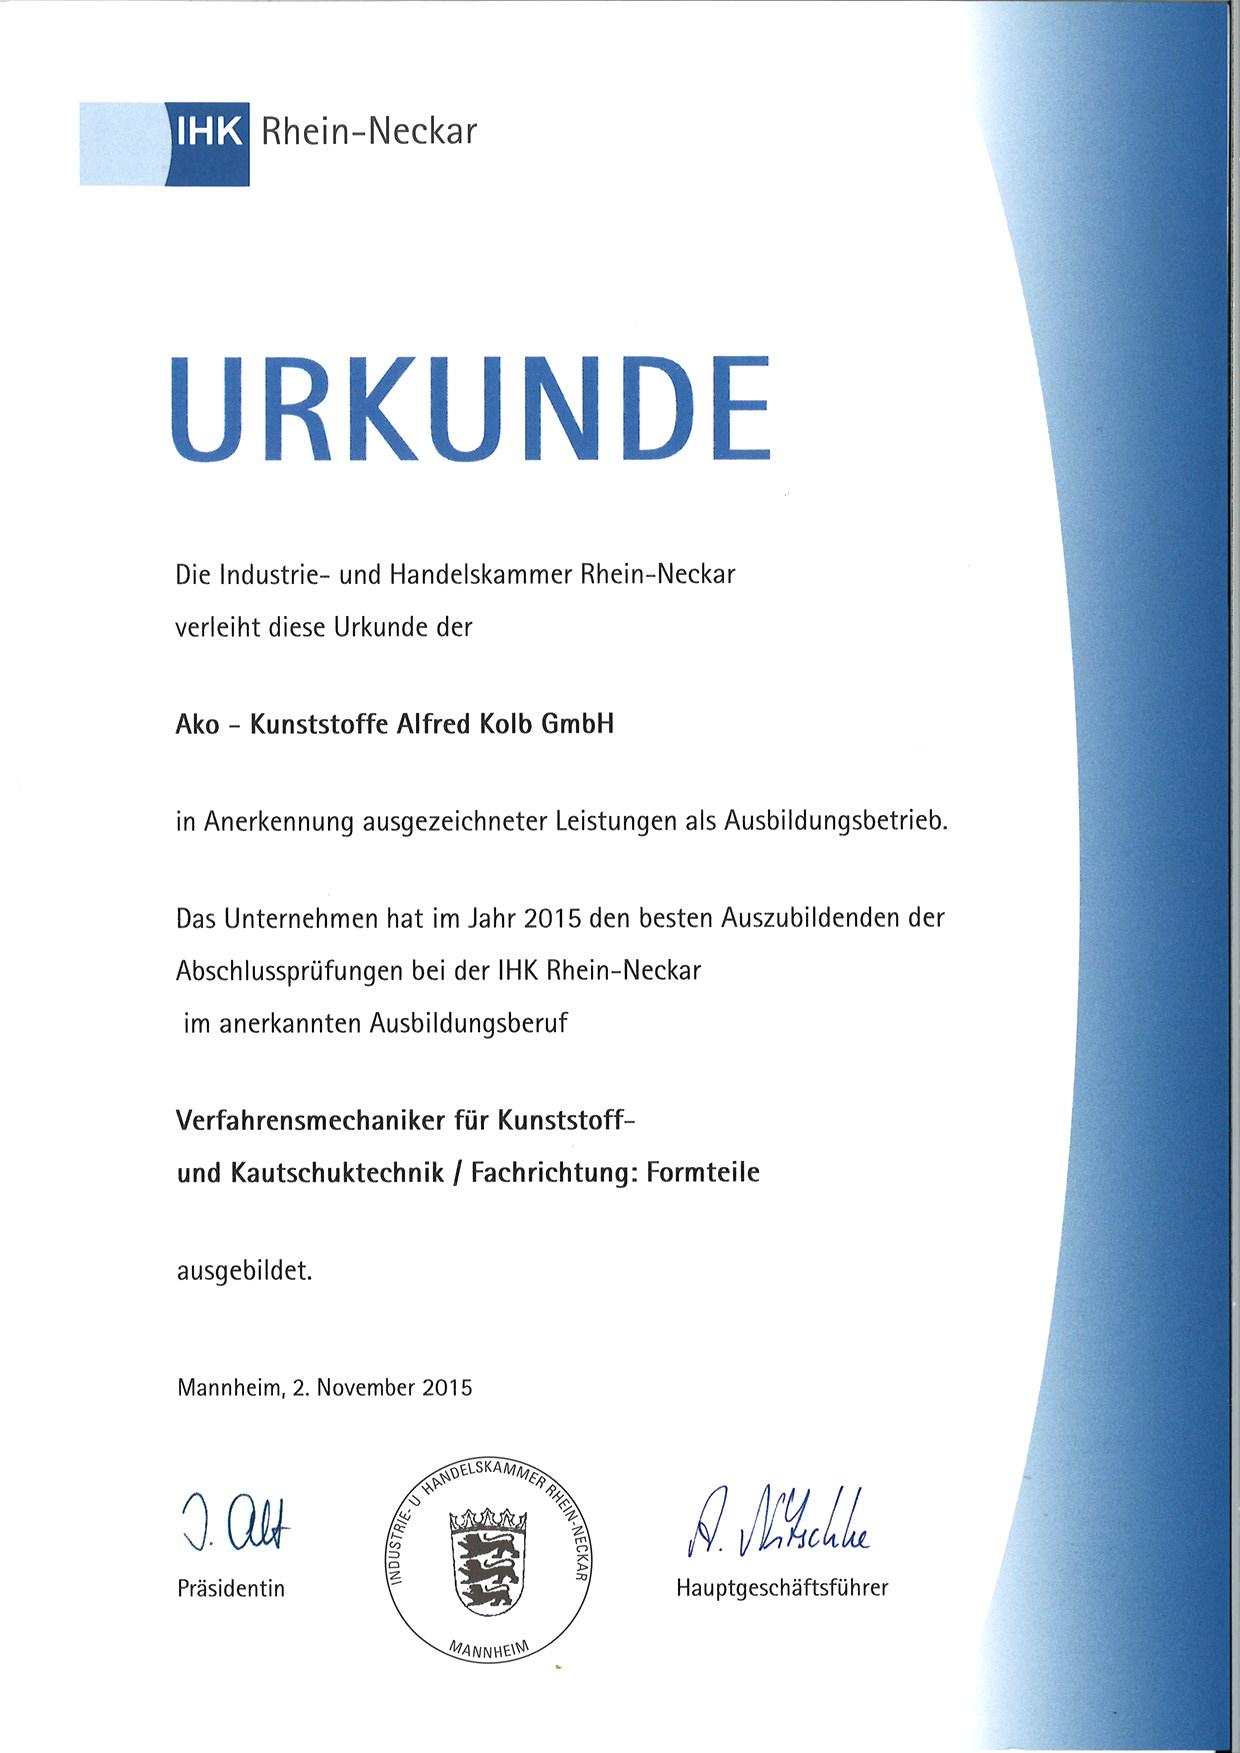 Karriere - ako - Alfred Kolb GmbH - Kunststoffe